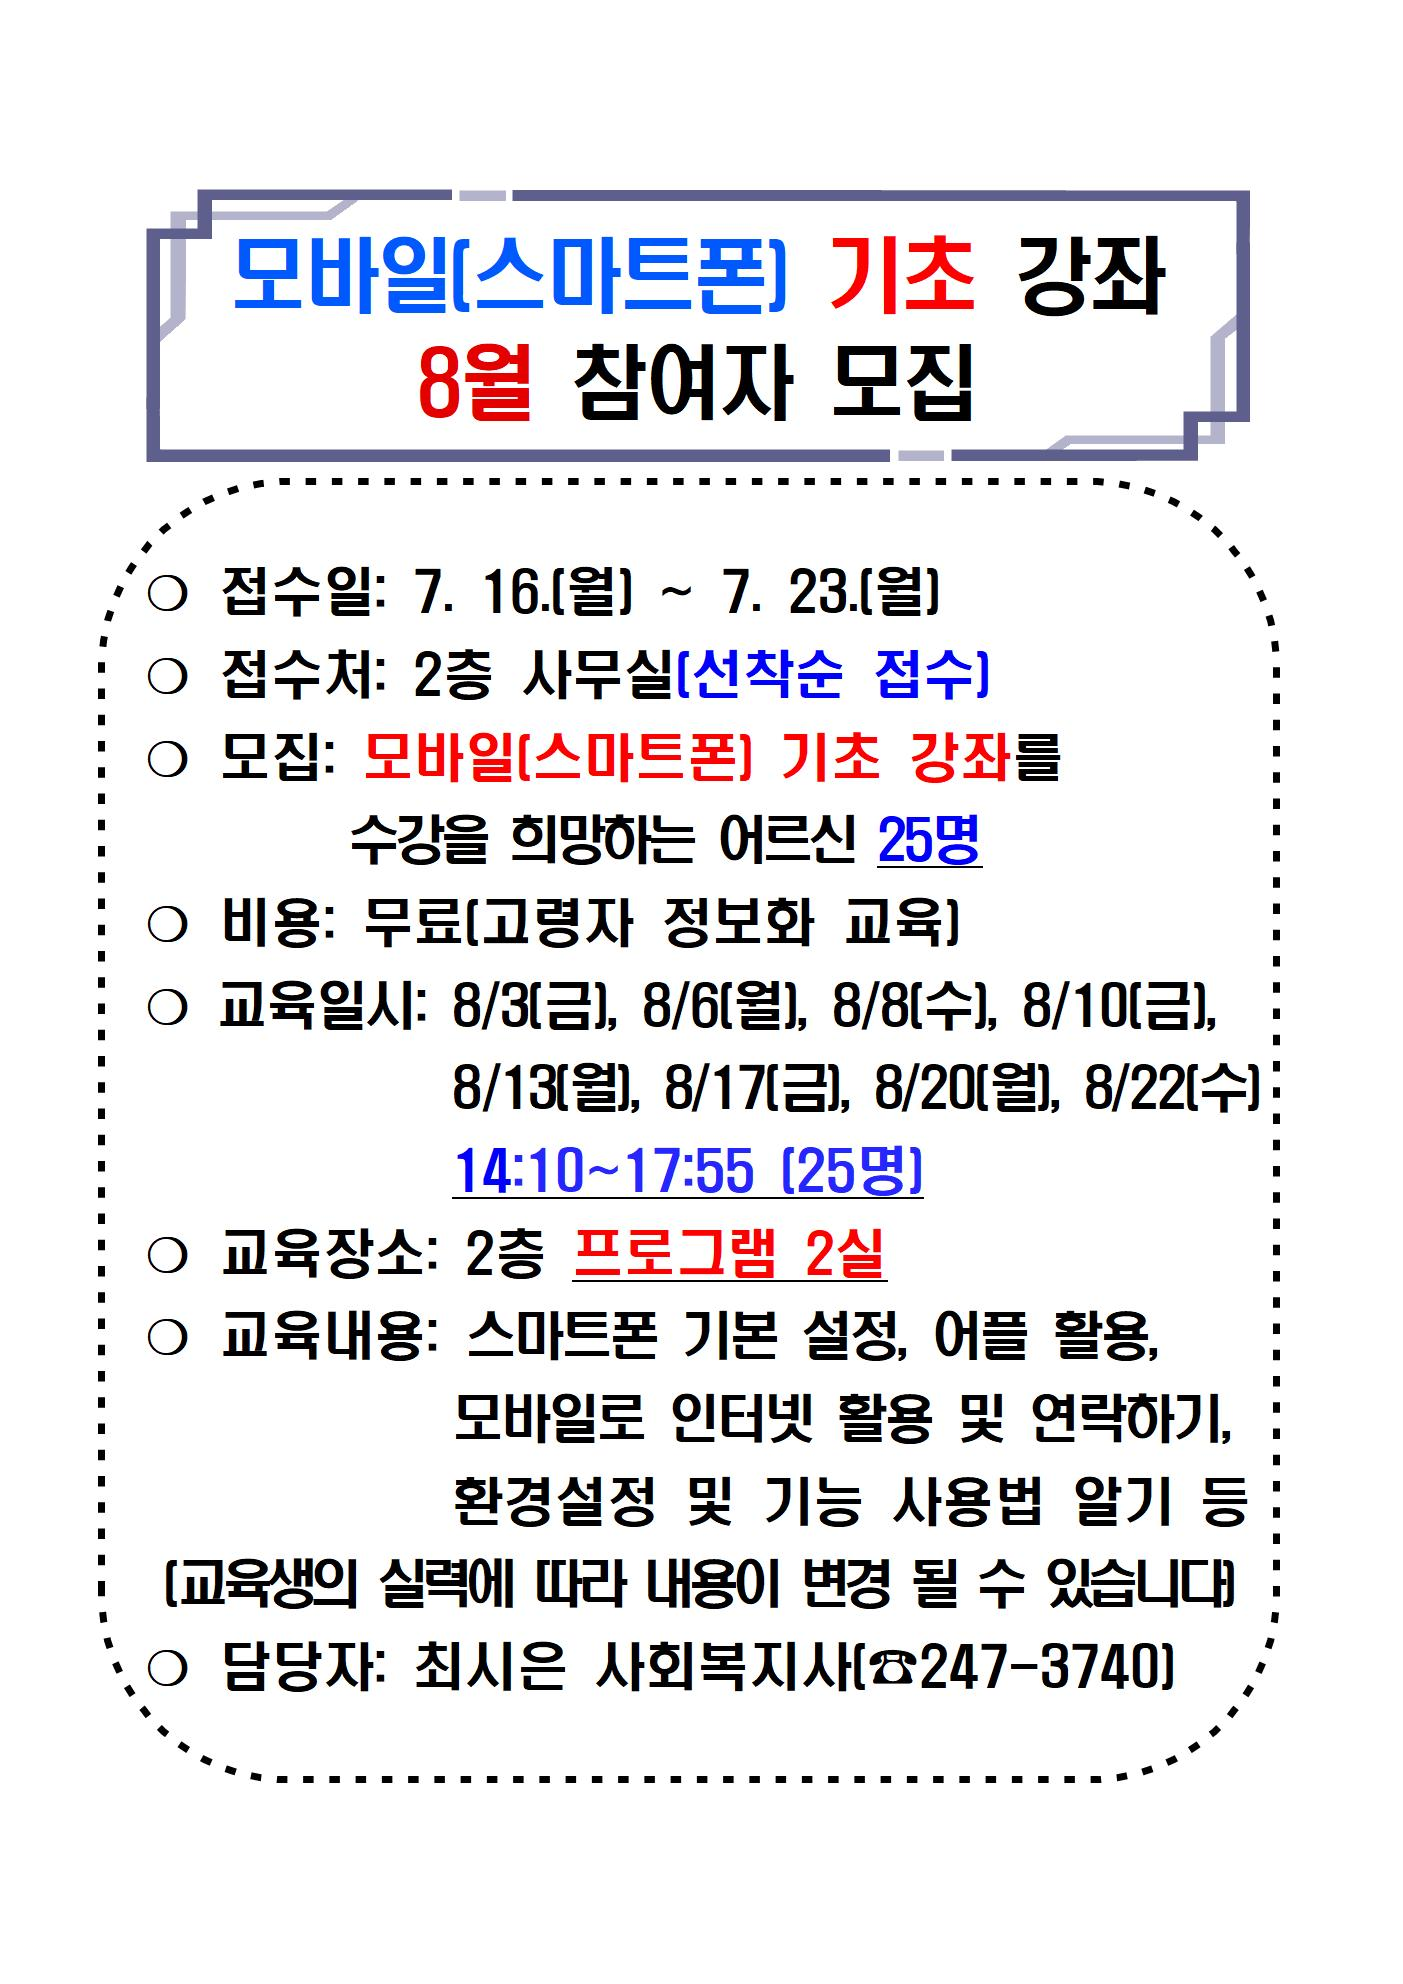 2018 홍보물(관내,관외)-A3 8월(스마트폰)001.jpg